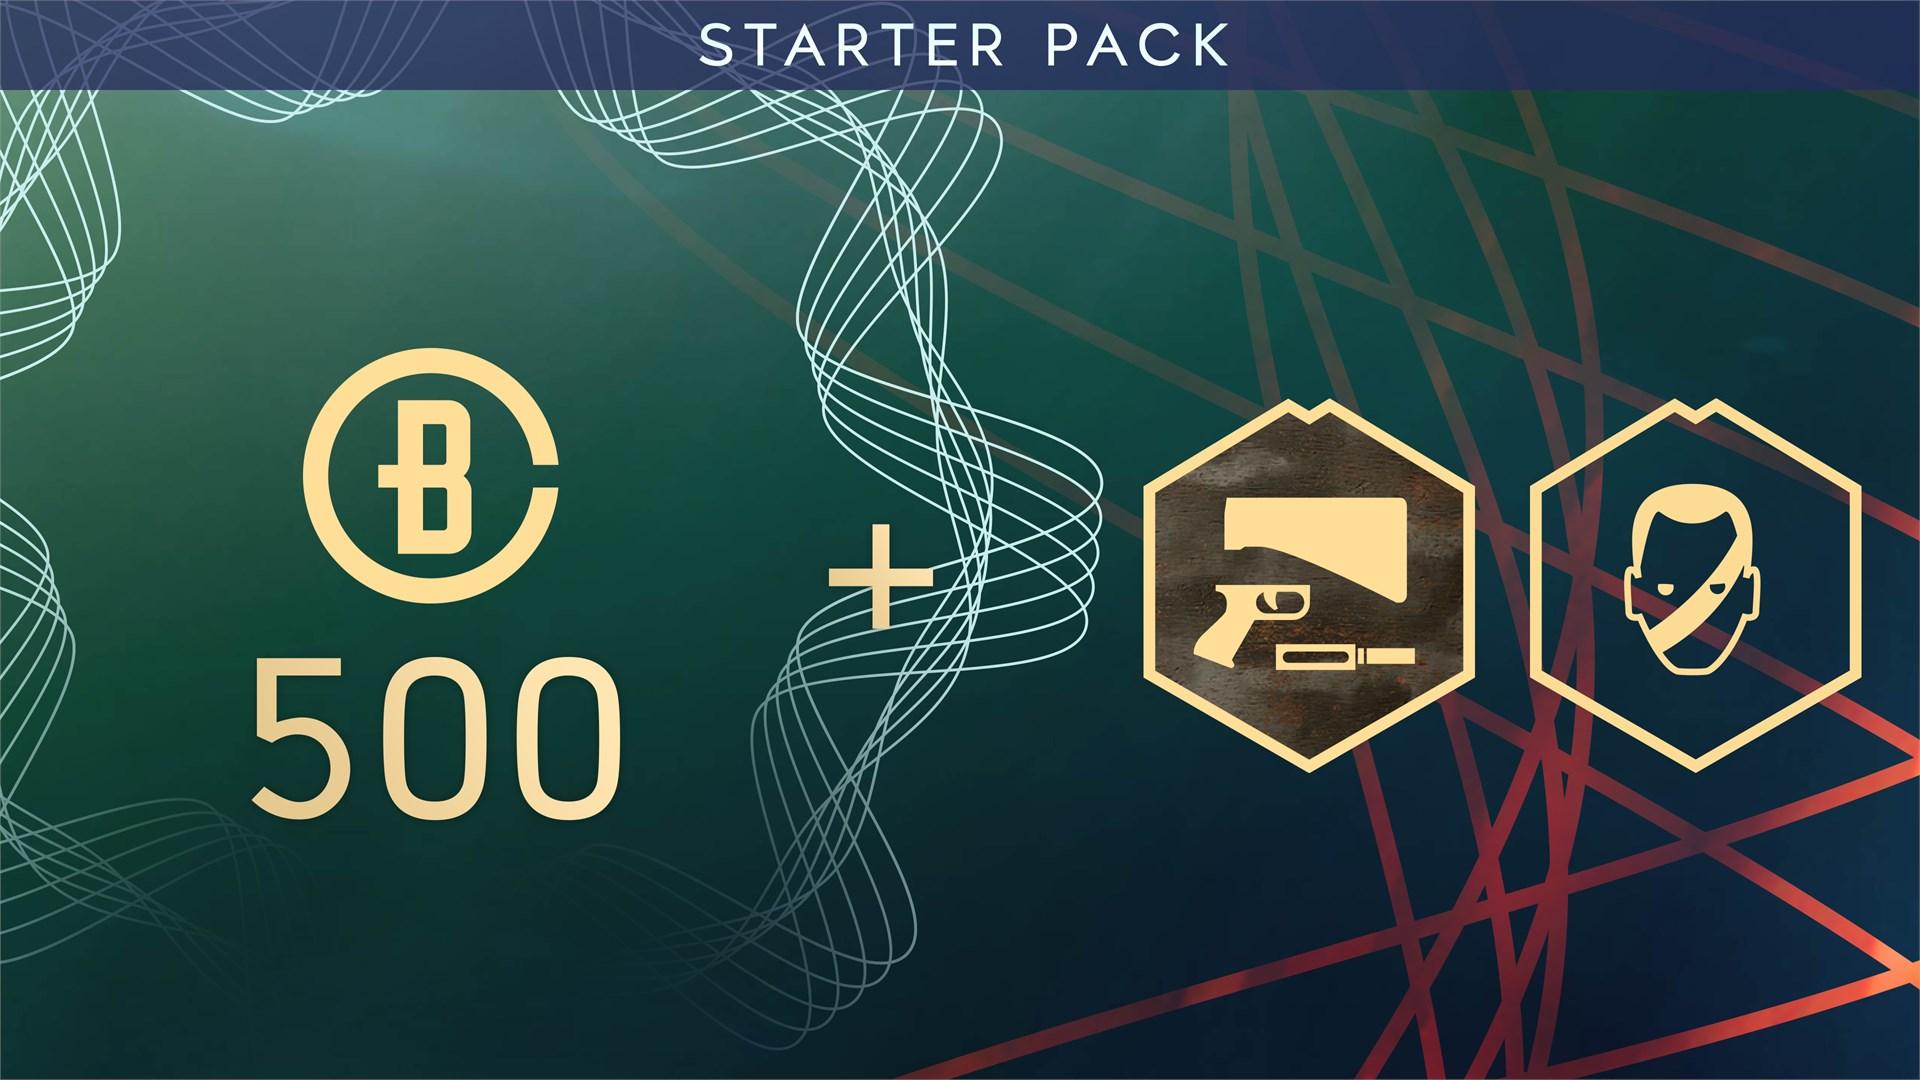 Battlefield V Starter Pack